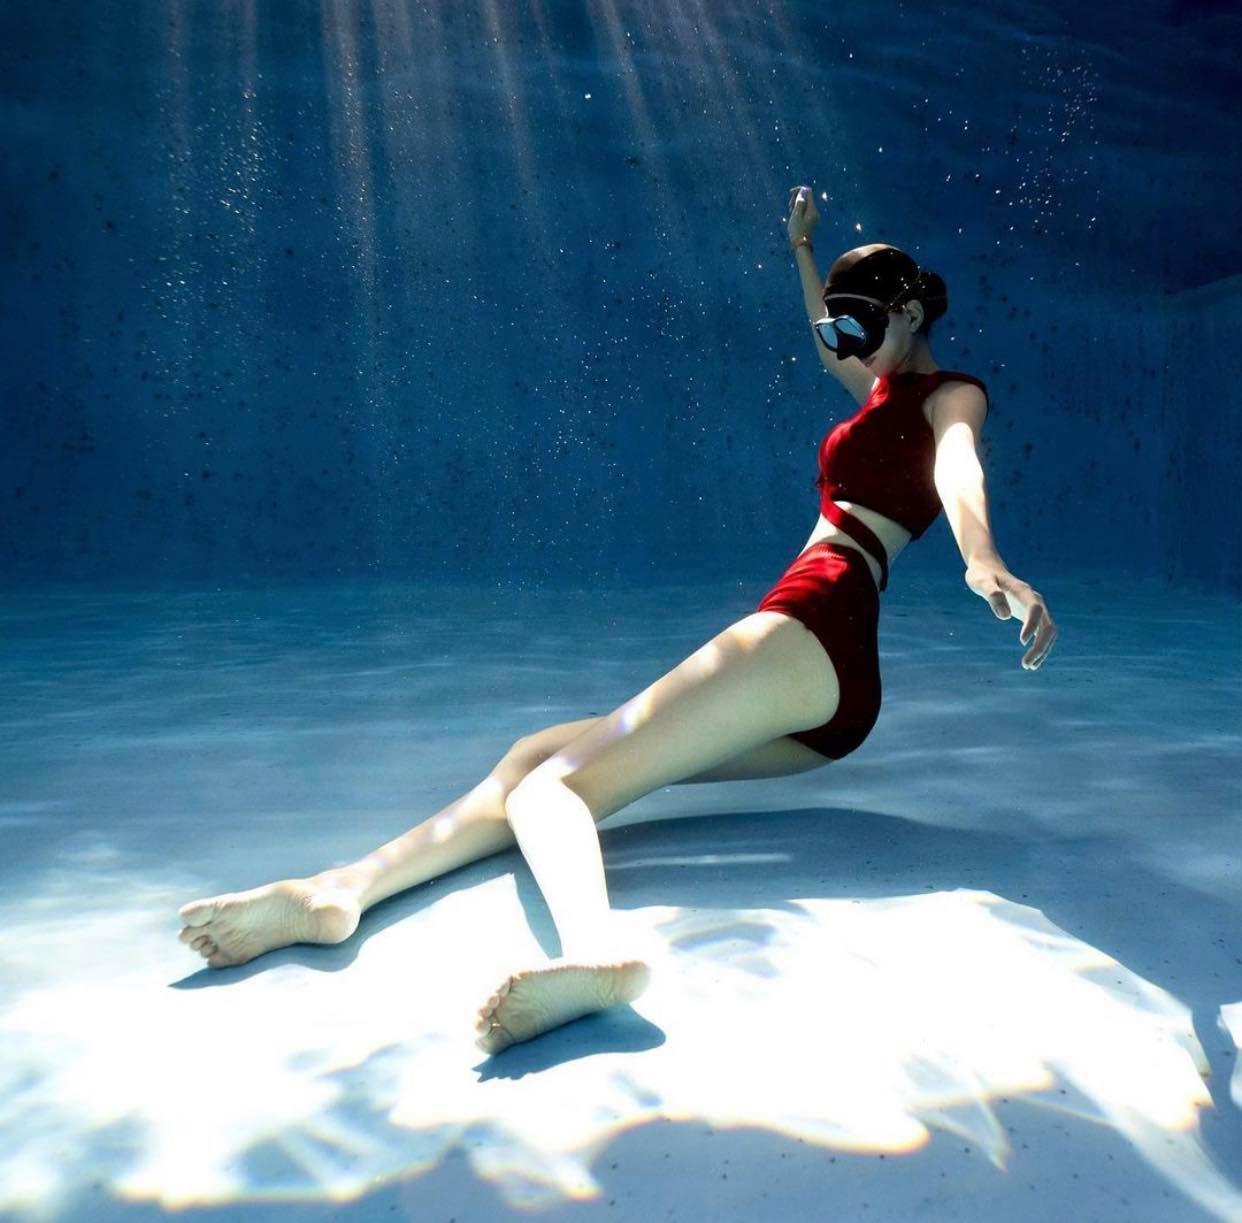 Nữ sinh Hàn Quốc có đôi chân dài vô tận, vòng hông điểm 10, mặc bikini đẹp như giấc mơ - 1